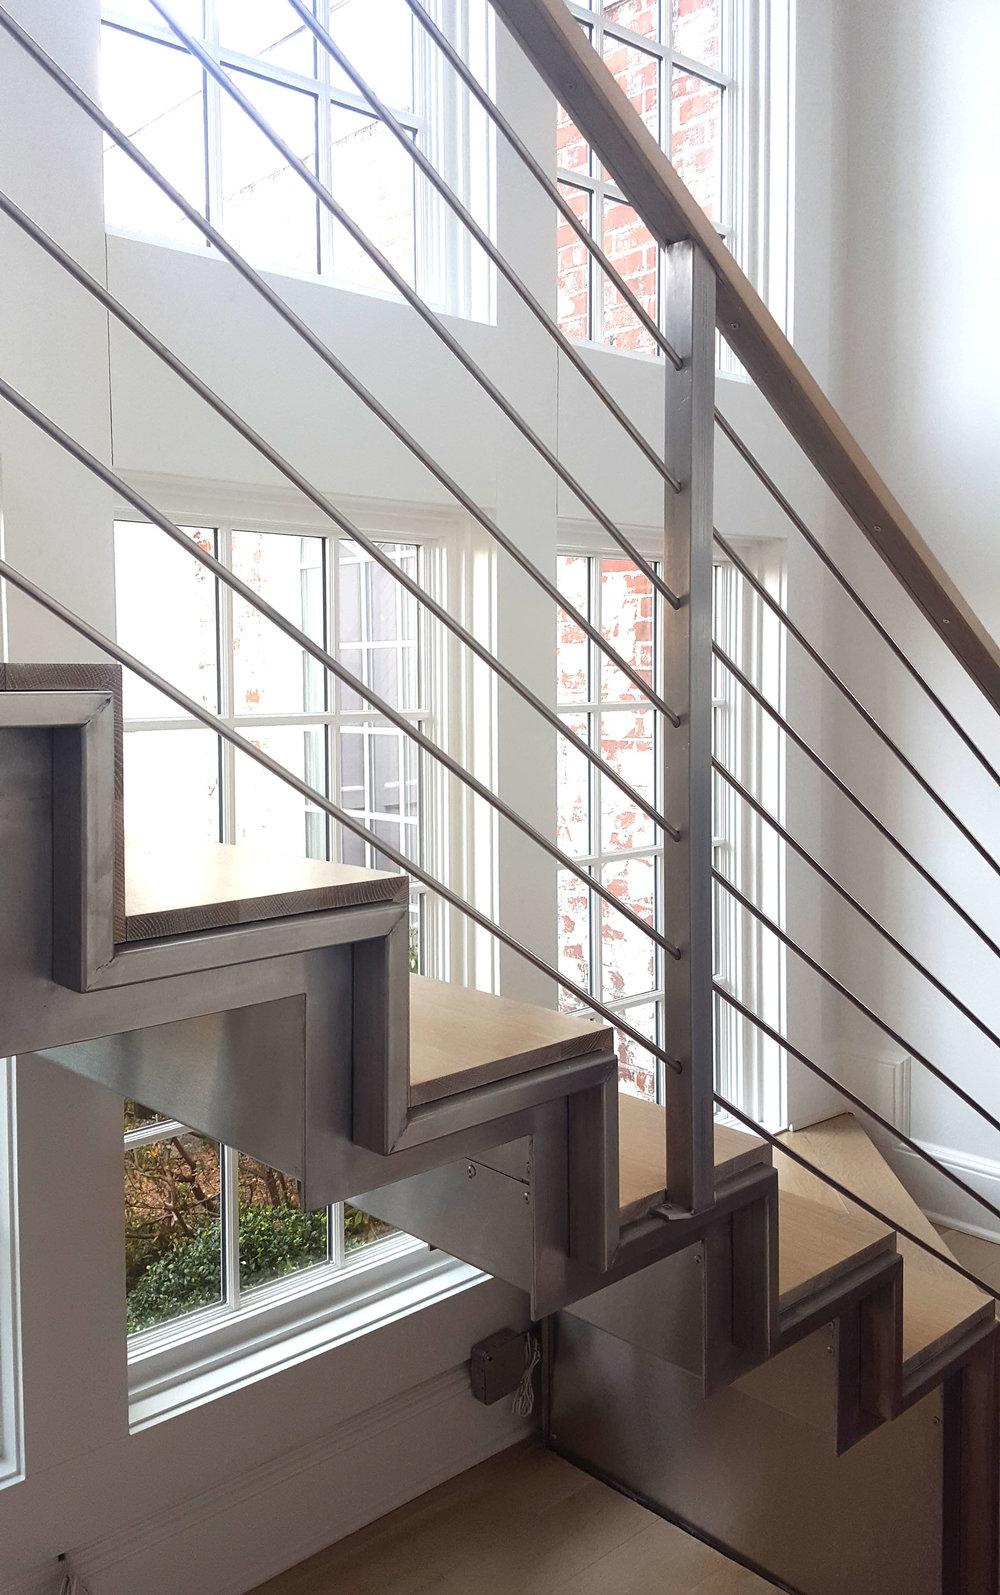 Stamford-on-the-water-metal-stairs.jpg